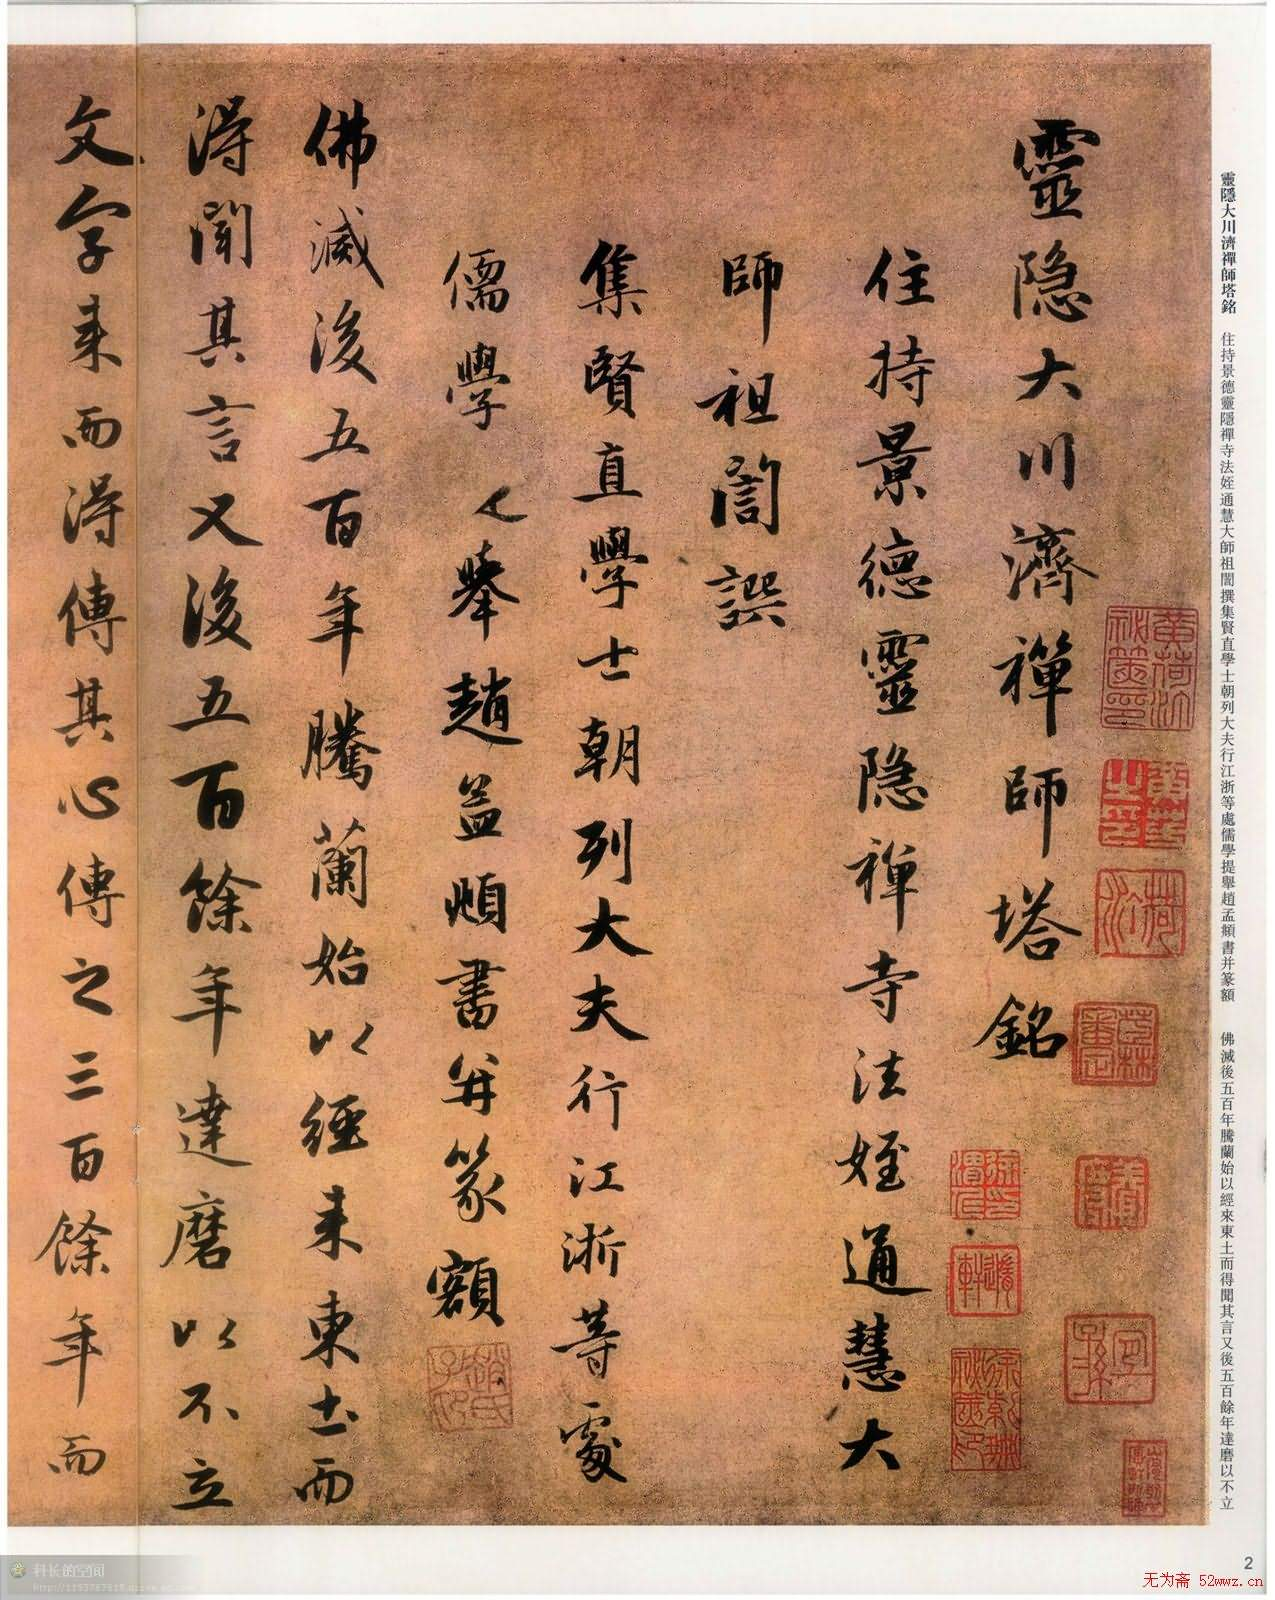 趙孟頫行書《靈隱大川濟禪師塔銘》(共16張圖片)